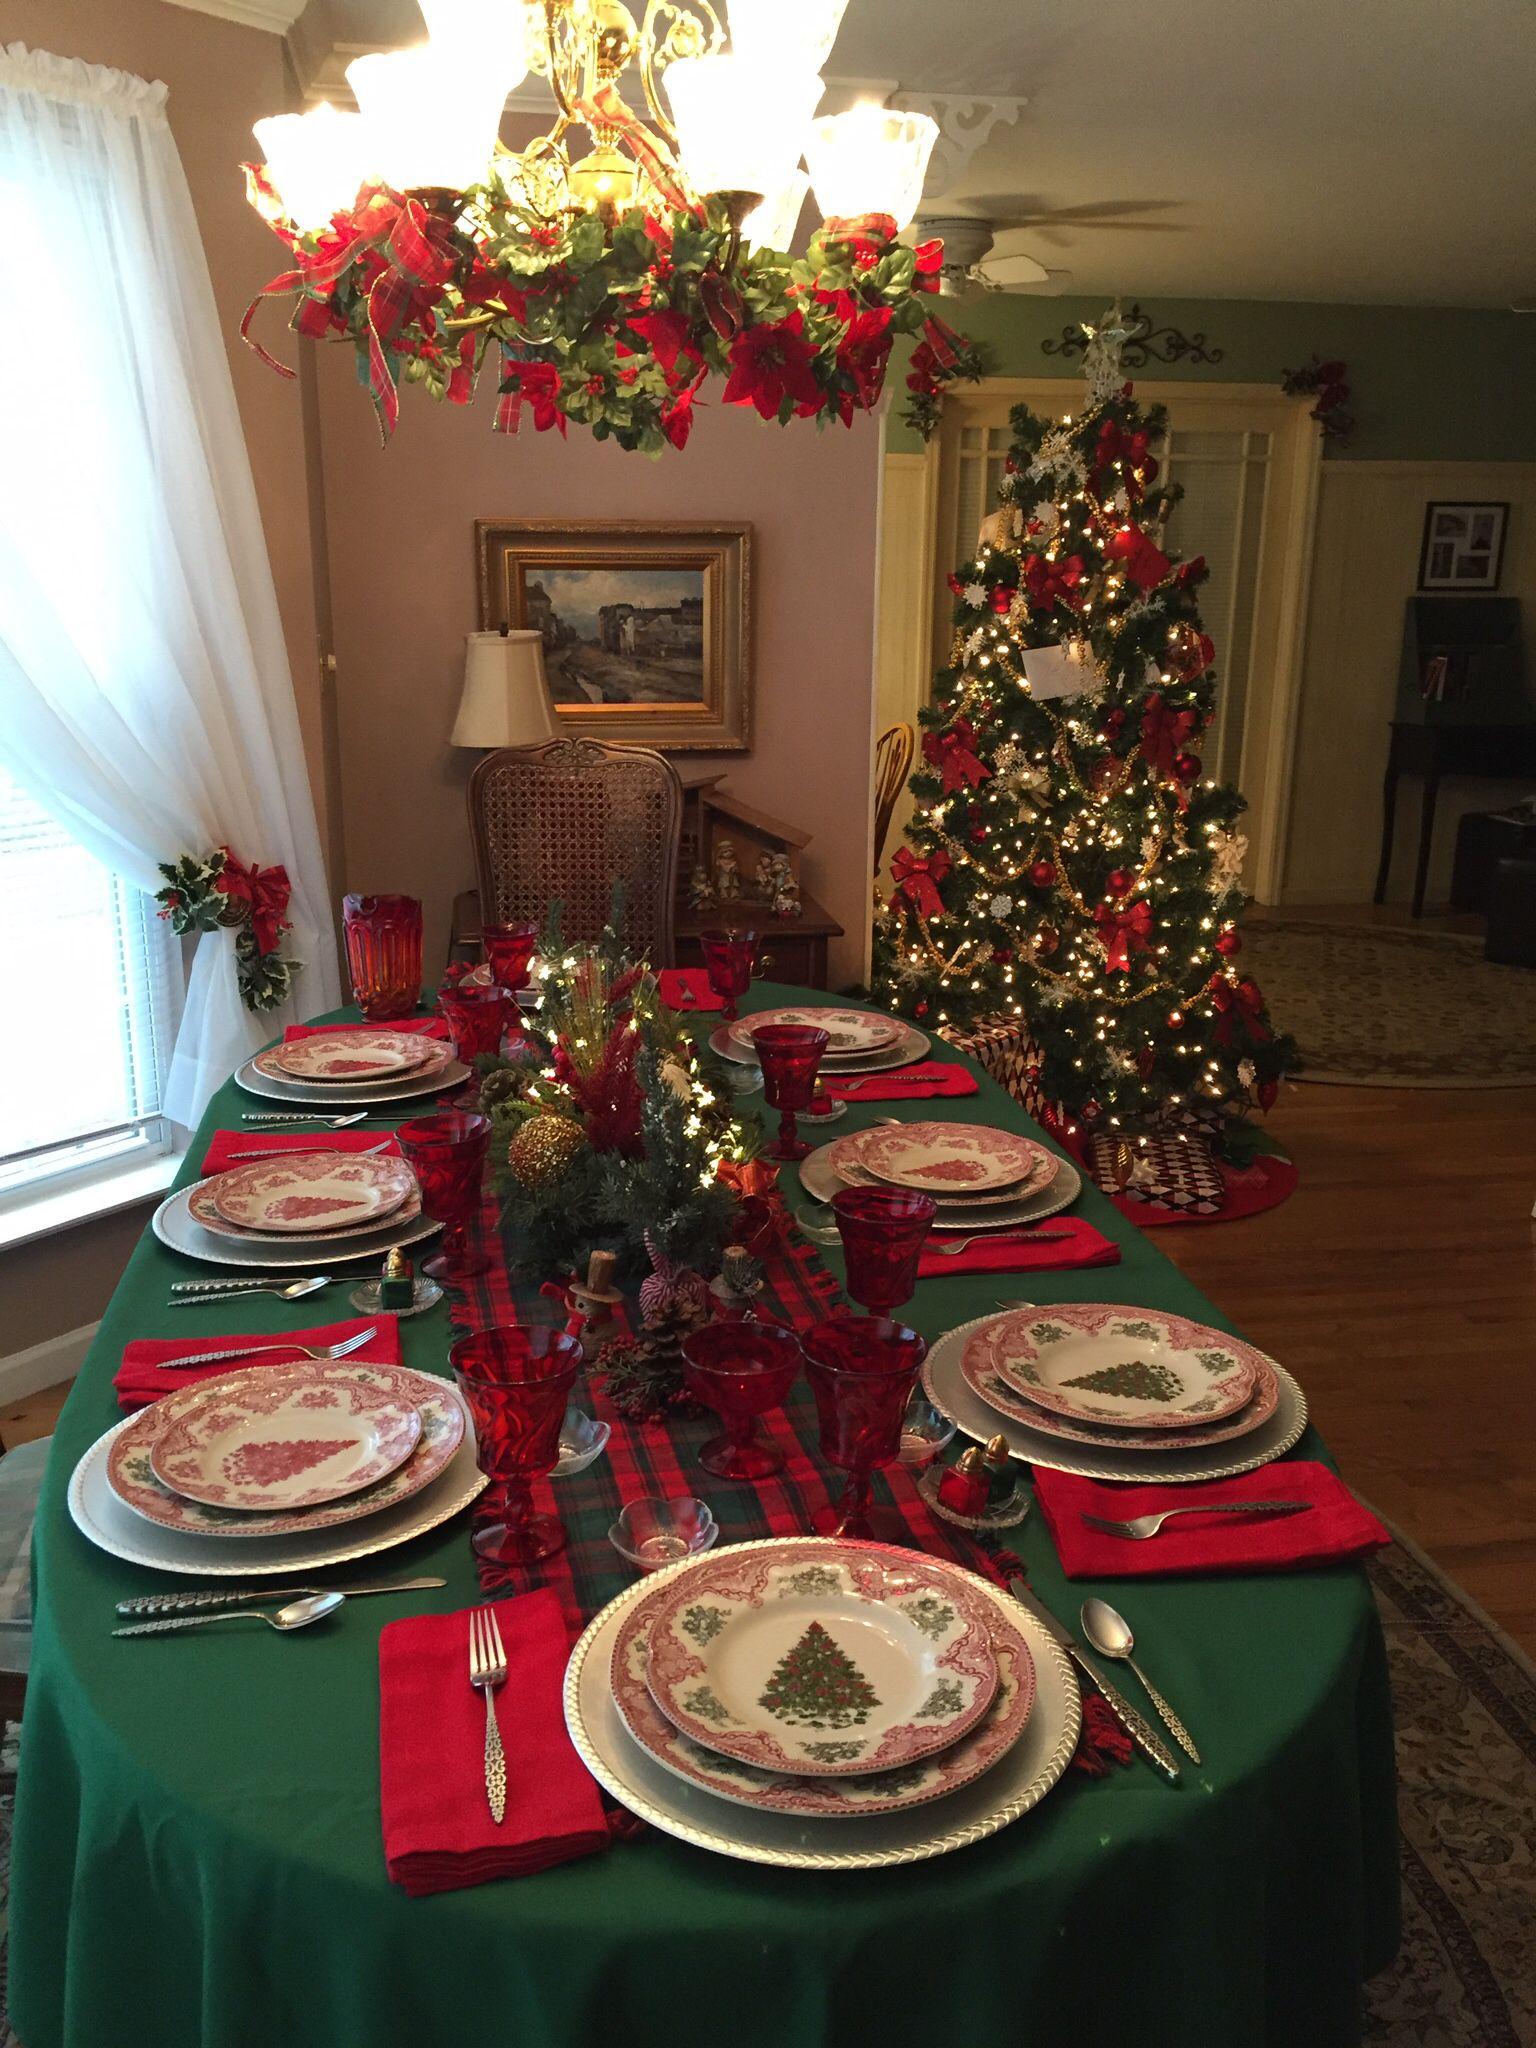 Christmas   Christmas table, Christmas home, Decorating with